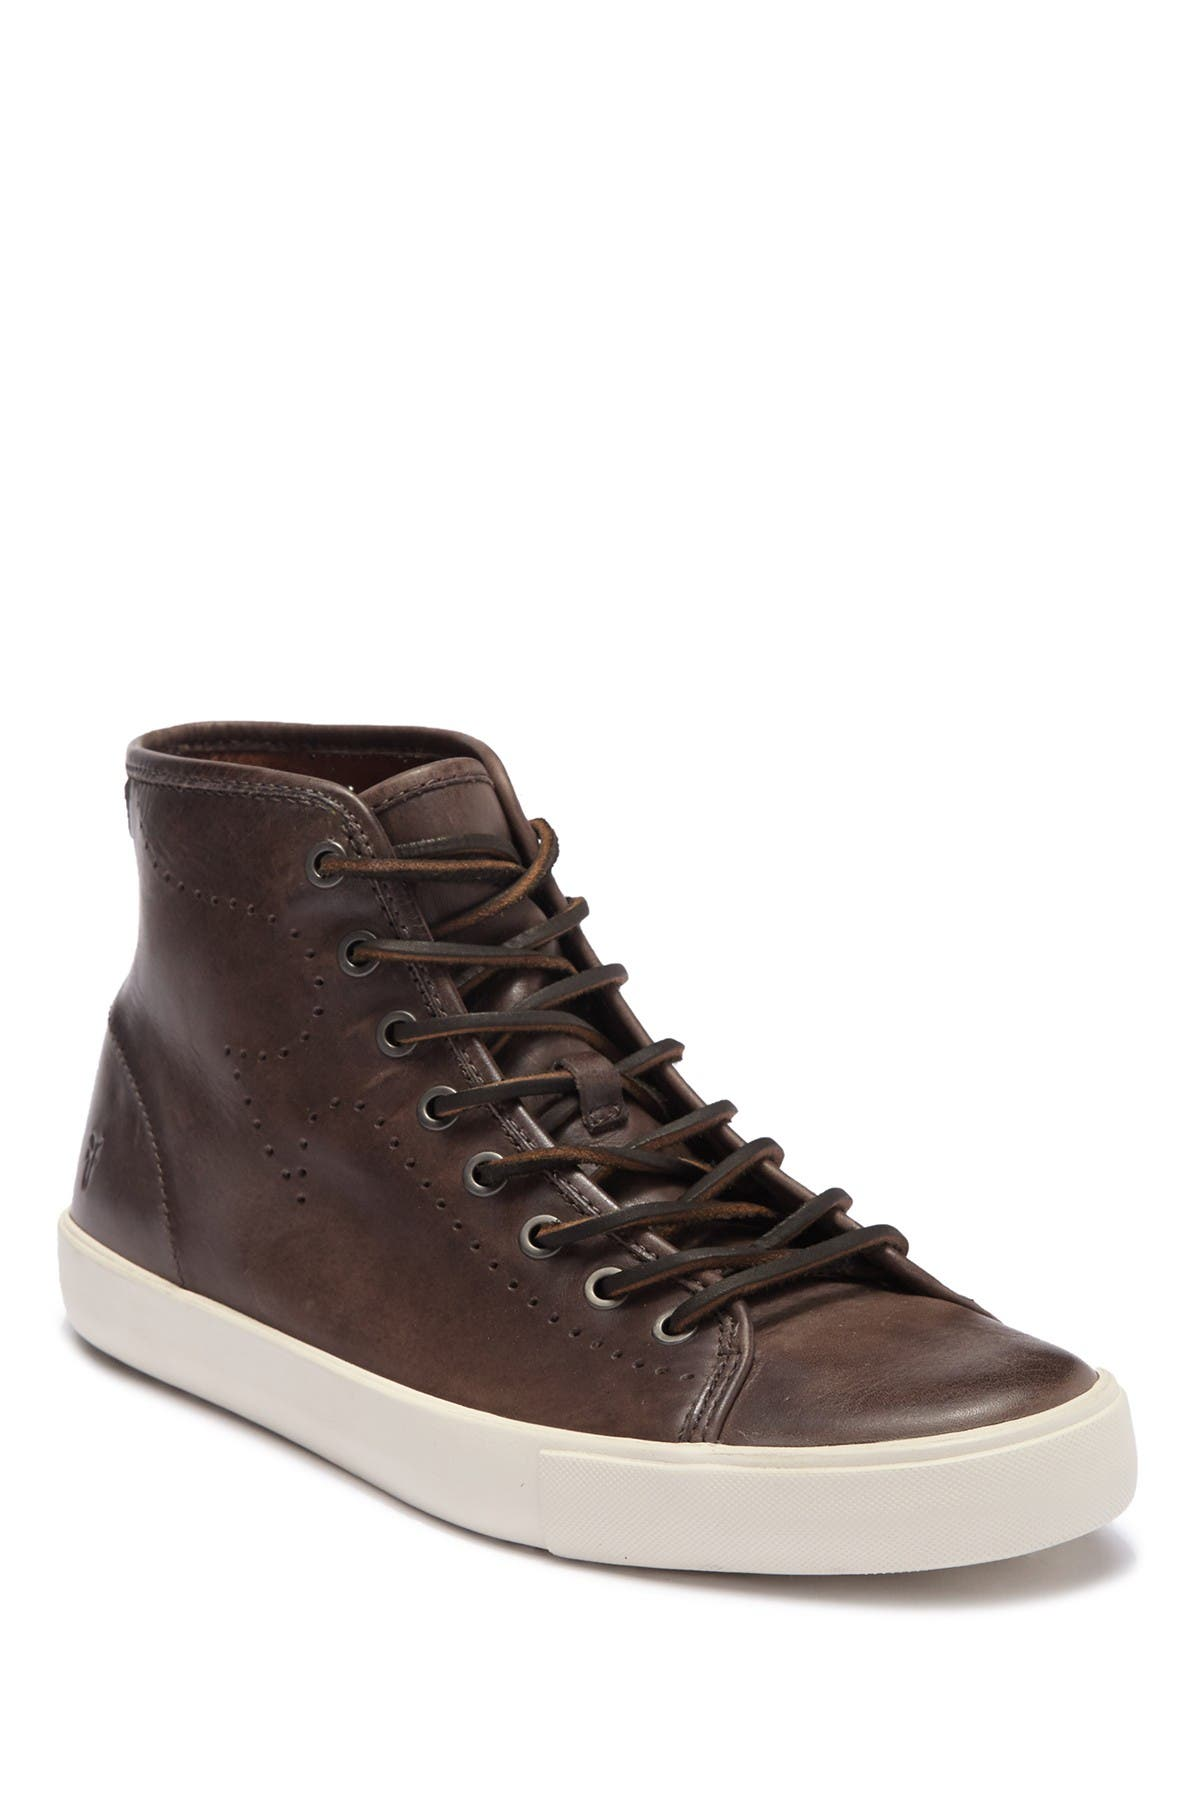 Image of Frye Brett High Leather Sneaker